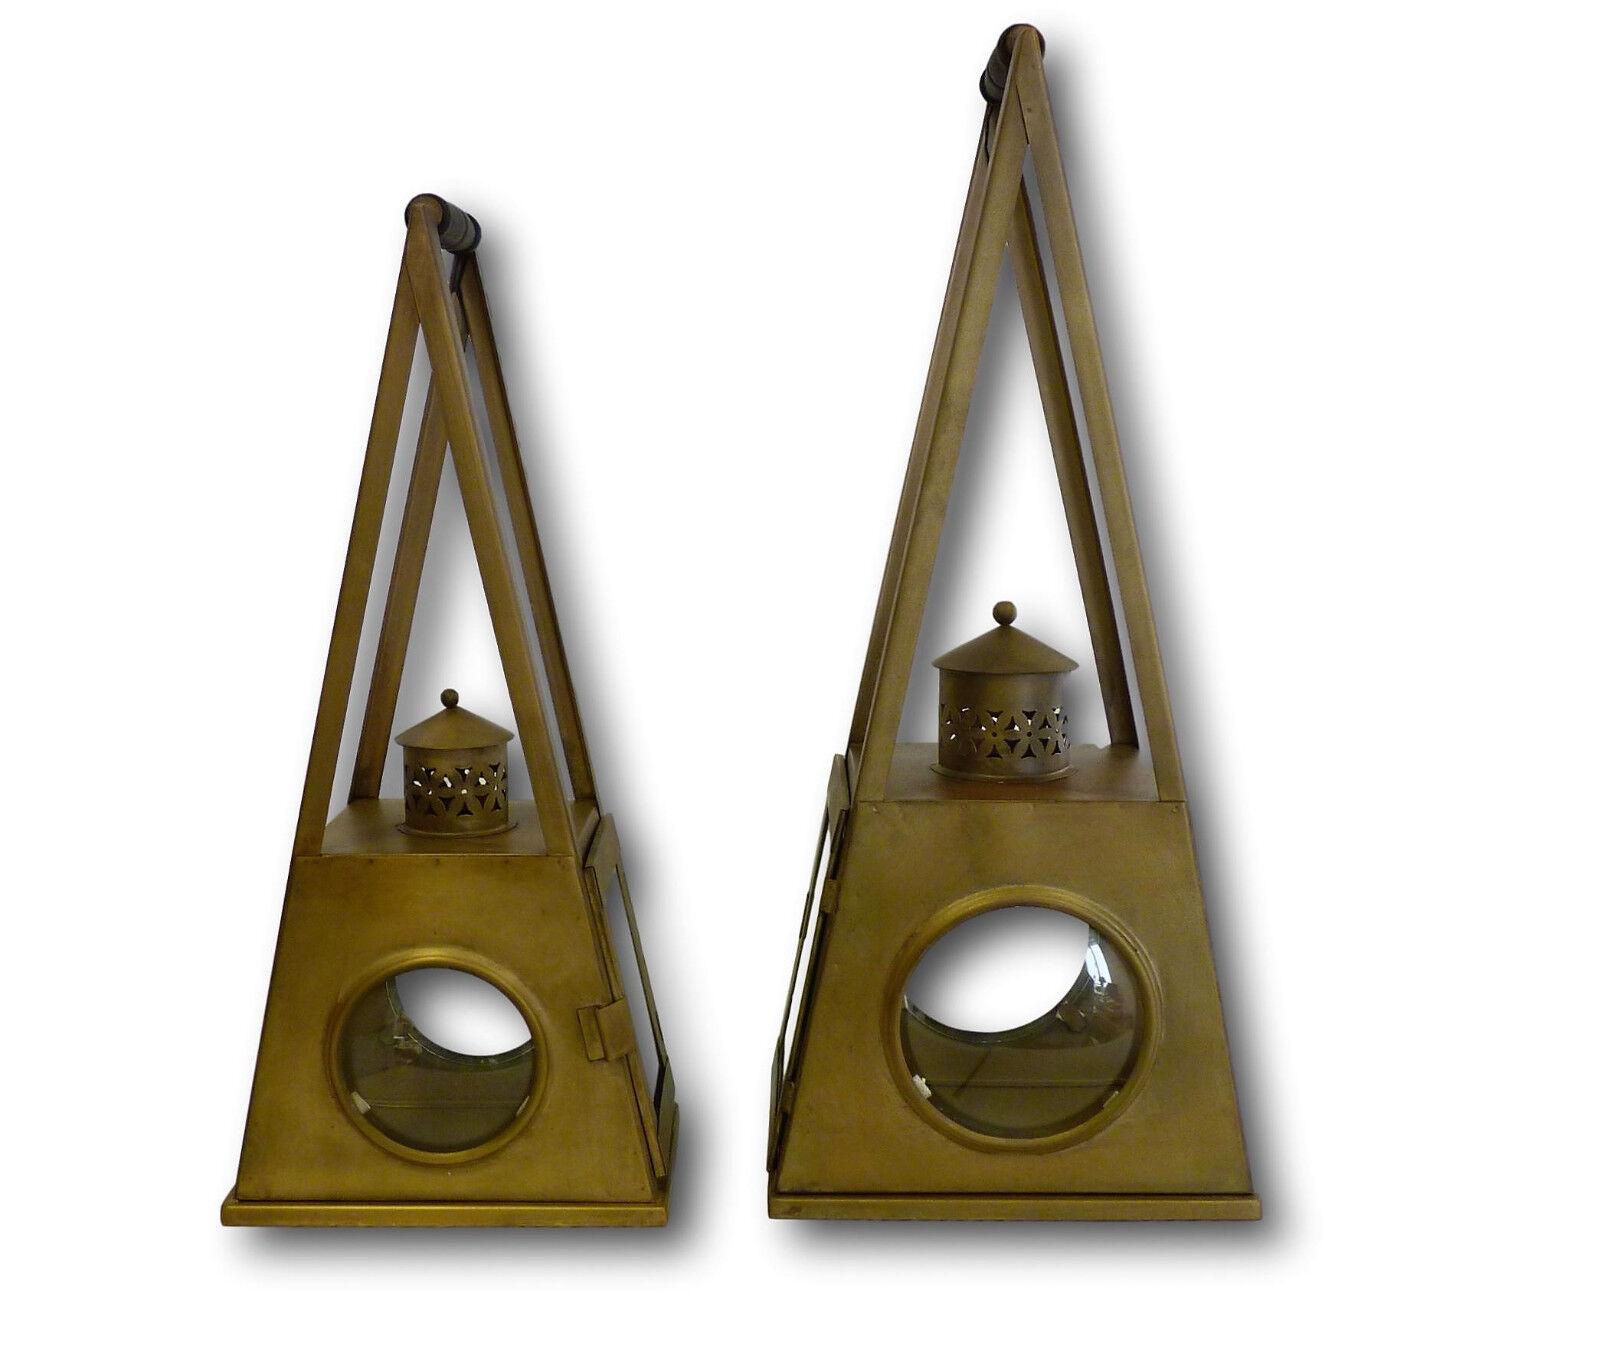 2er set metal farol viento luz lámpara cortavientos candeleros Retro Vintage